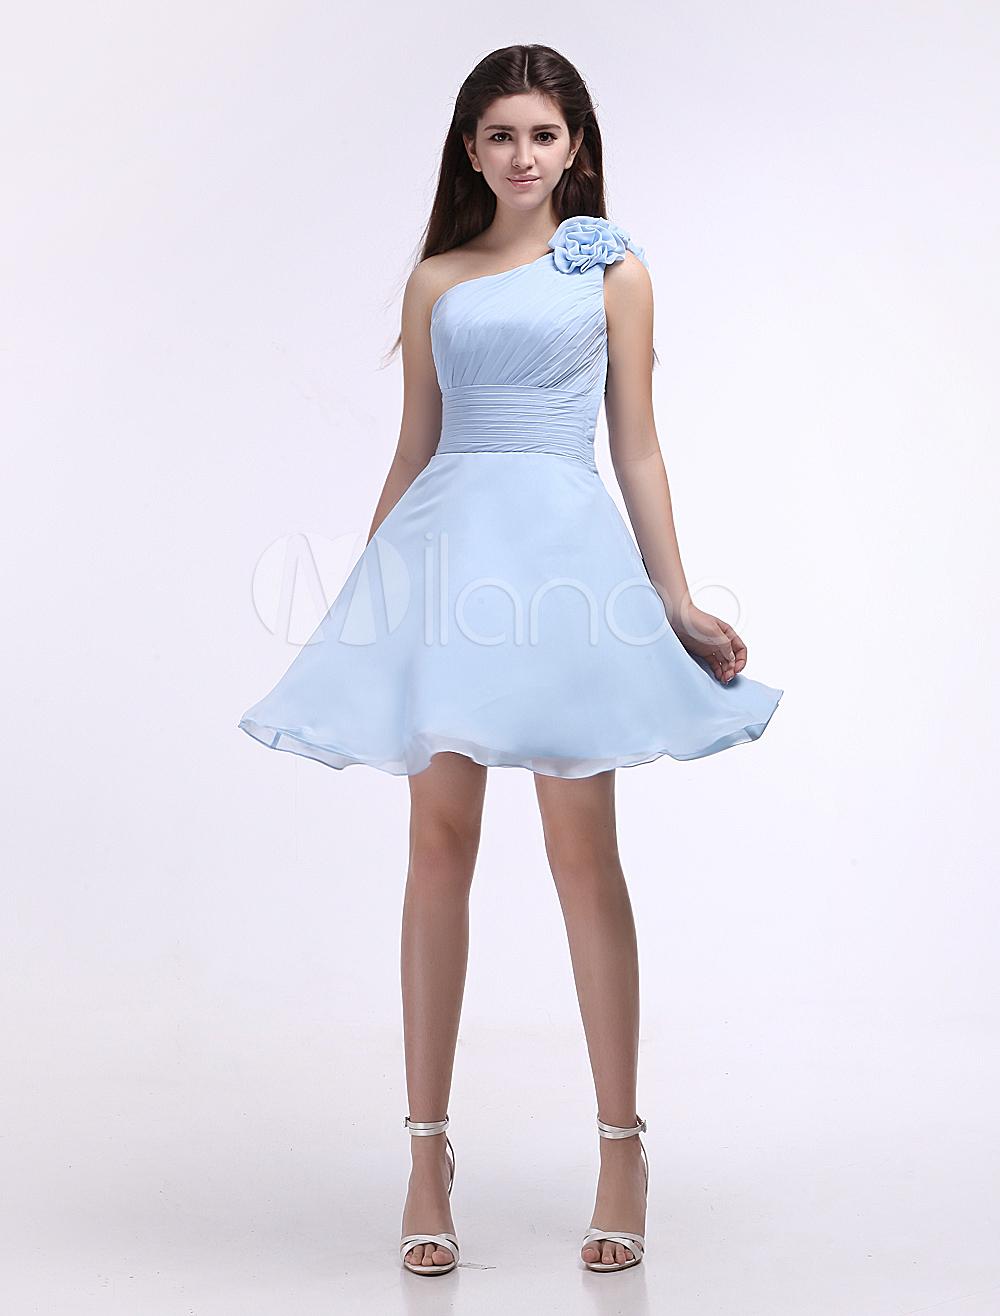 Vestito Azzurro Matrimonio : Vestito da sposa azzurro migliore collezione inspiration